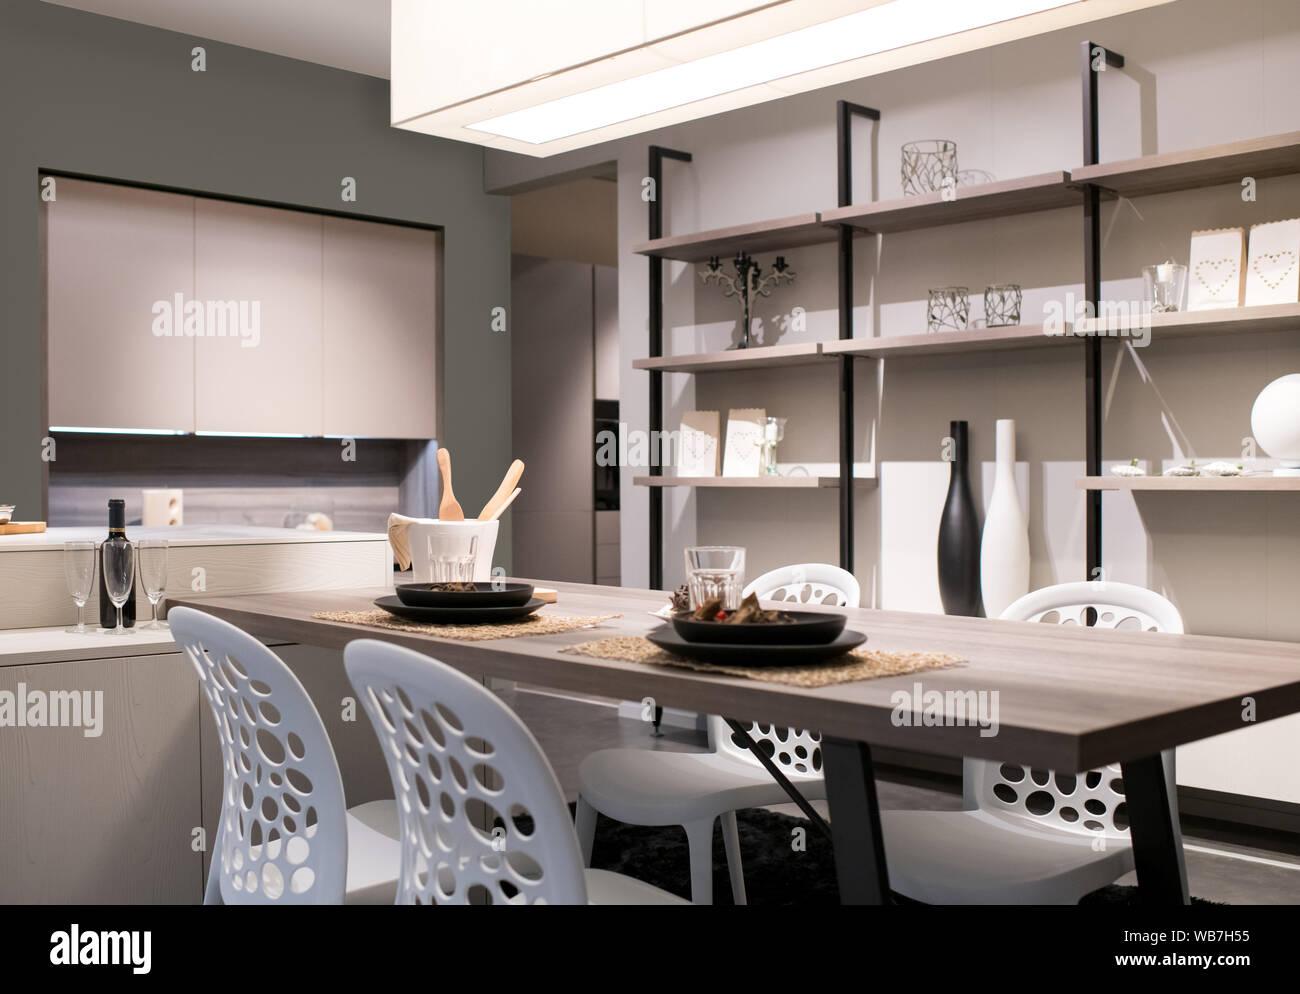 Offene Küche und Esszimmer mit neutraler Einrichtung in Beige, Vitrinen Schrankwand und eine moderne Tisch und Stühlen beleuchtet durch einen großen Overhead Deckenleuchte Stockfoto